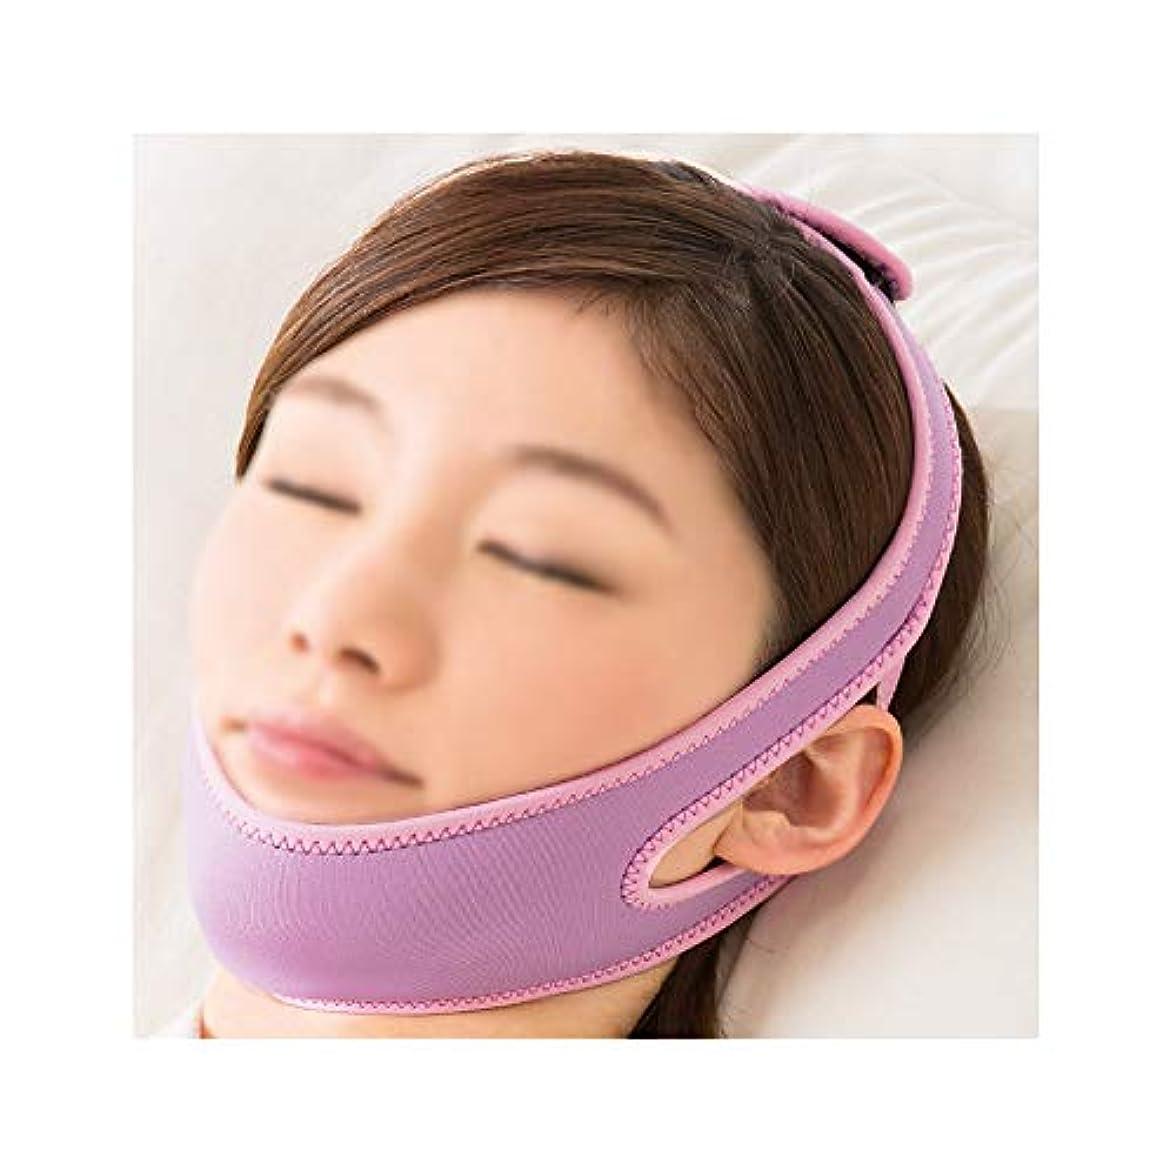 測定可能ローラー風景GLJJQMY マスクフェイスリフトアーチファクトマスク垂れ顔小さいVフェイス包帯通気性睡眠両面あごスーツ睡眠弾性痩身ベルト 顔用整形マスク